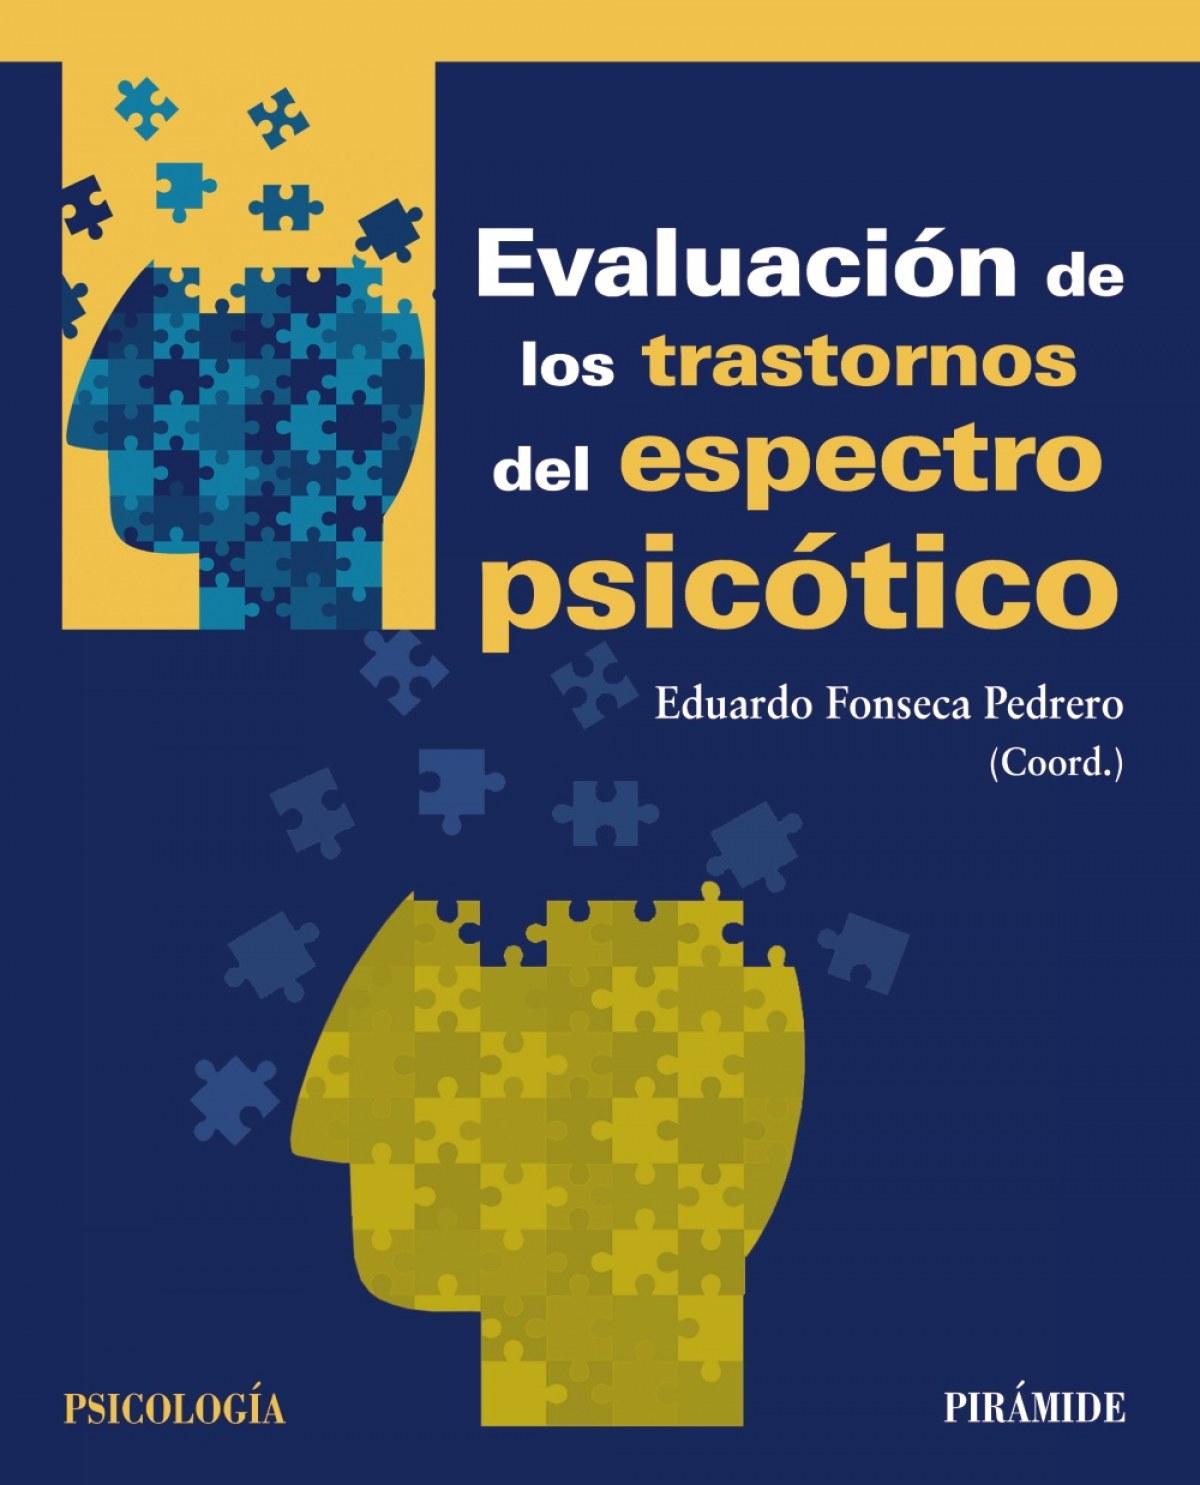 EVALUACIÓN DE LOS TRASTORNOS DEL ESPECTRO PSICÓTICO